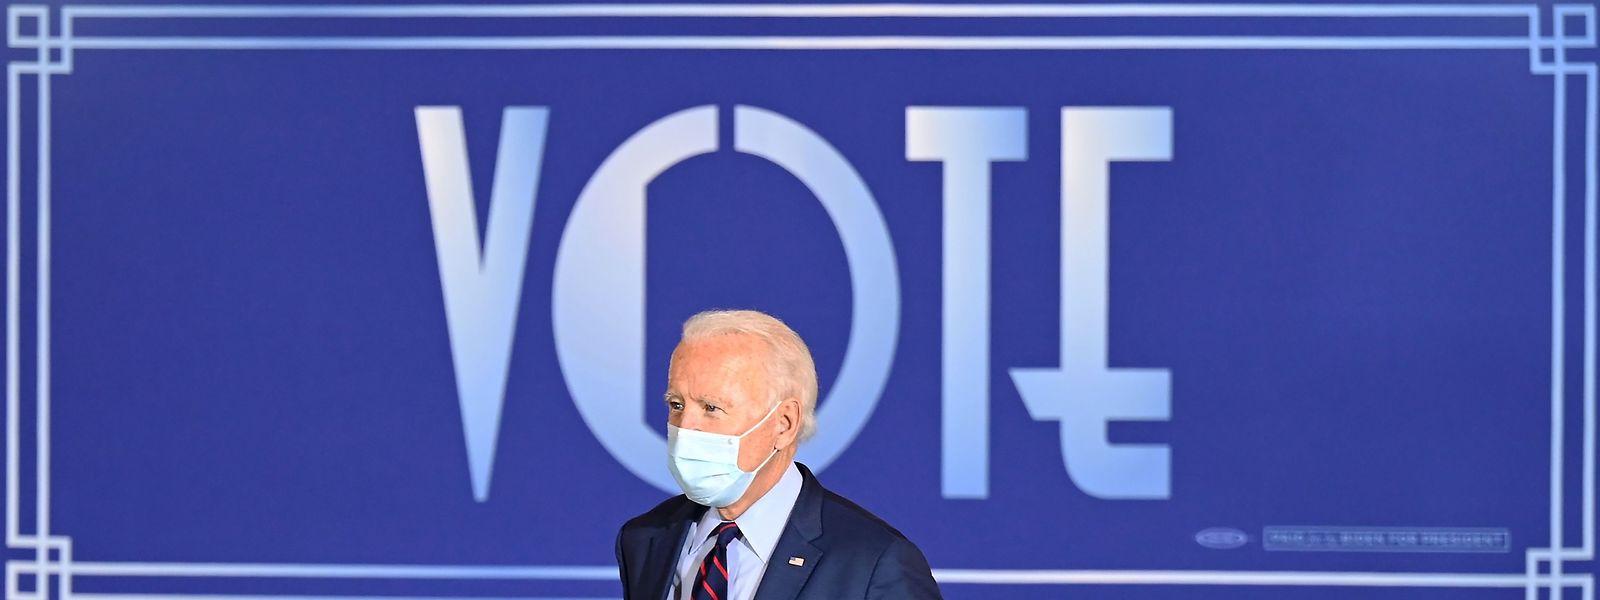 Millionen Menschen weltweit hoffen, dass die Amerikaner Joe Biden am 3. November zum US-Präsidenten wählen. Doch was wäre anders?